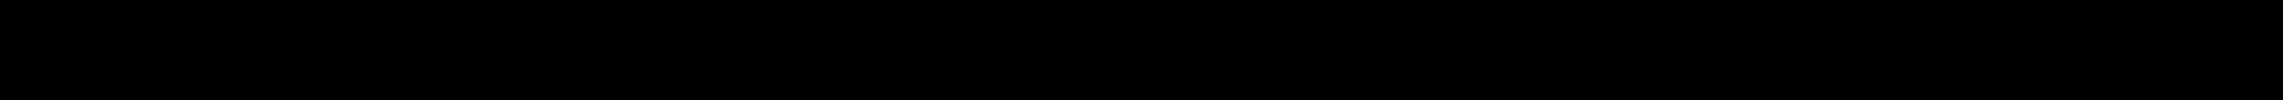 """出張、ホームステイ、留学先のお土産に!日本伝統の木製組子インテリアショップ """"Wooden Kumiko shop"""""""